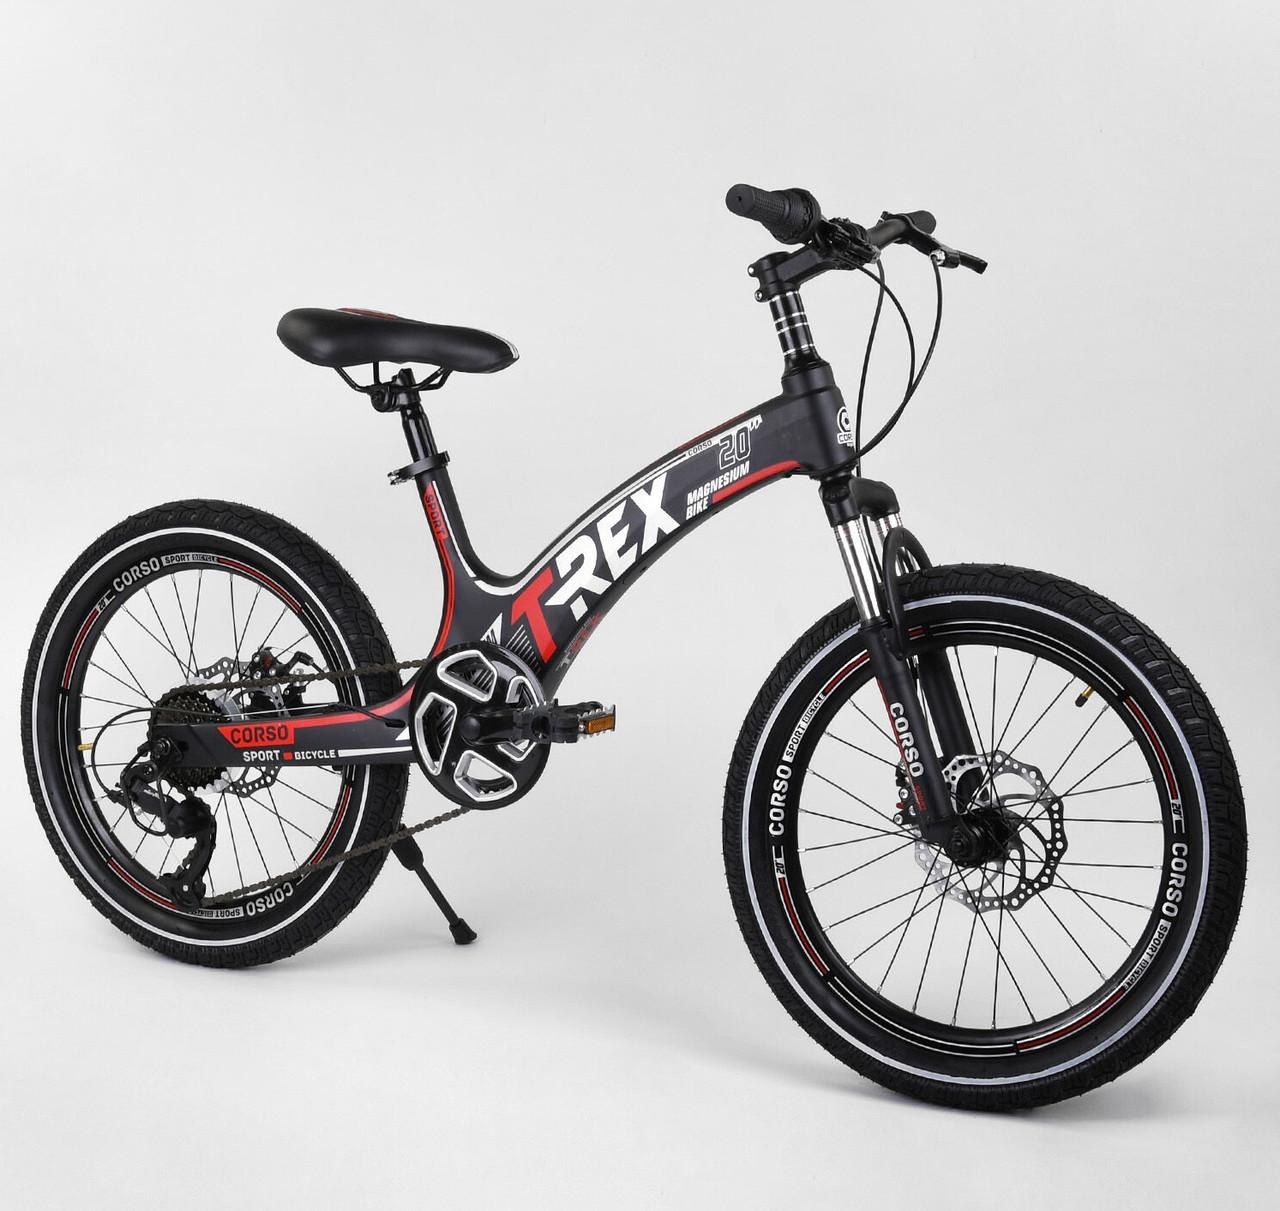 Детский спортивный двухколёсный велосипед 20 дюймов CORSO «T-REX» 20803 магниевая рама, 7 скоростей